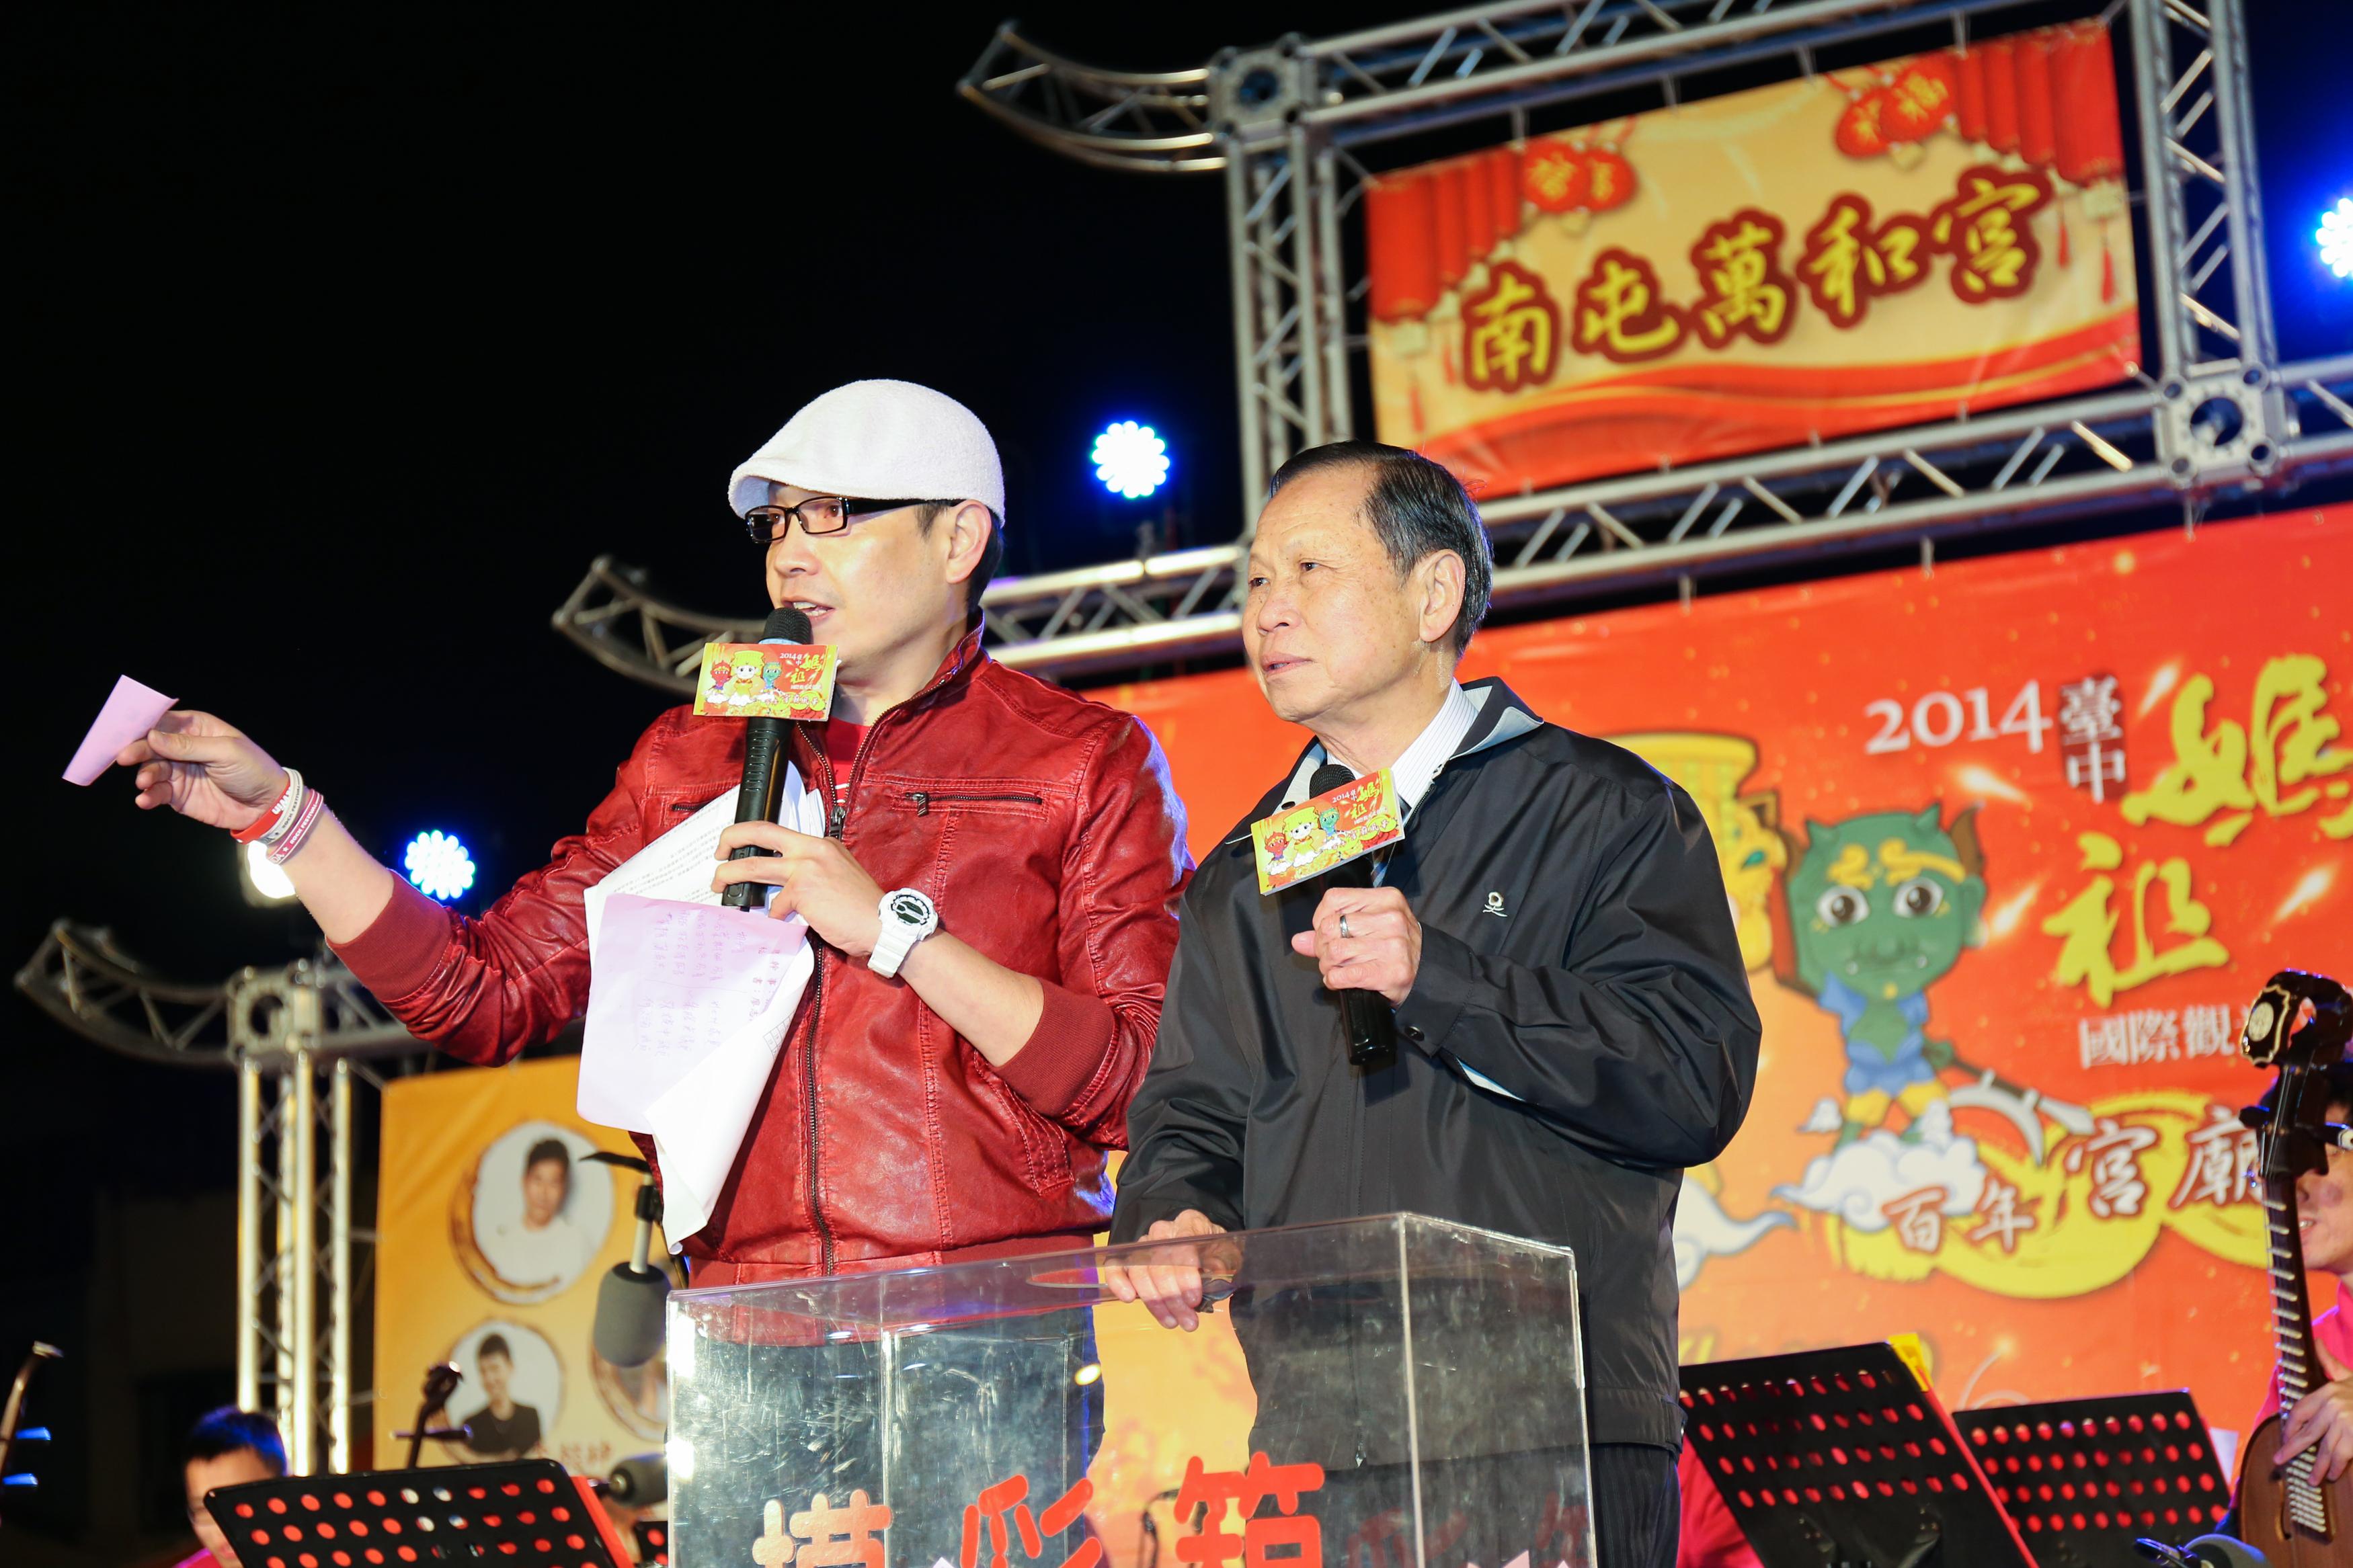 台中媽祖國際觀光文化節在萬和宮,台中婚錄推薦9